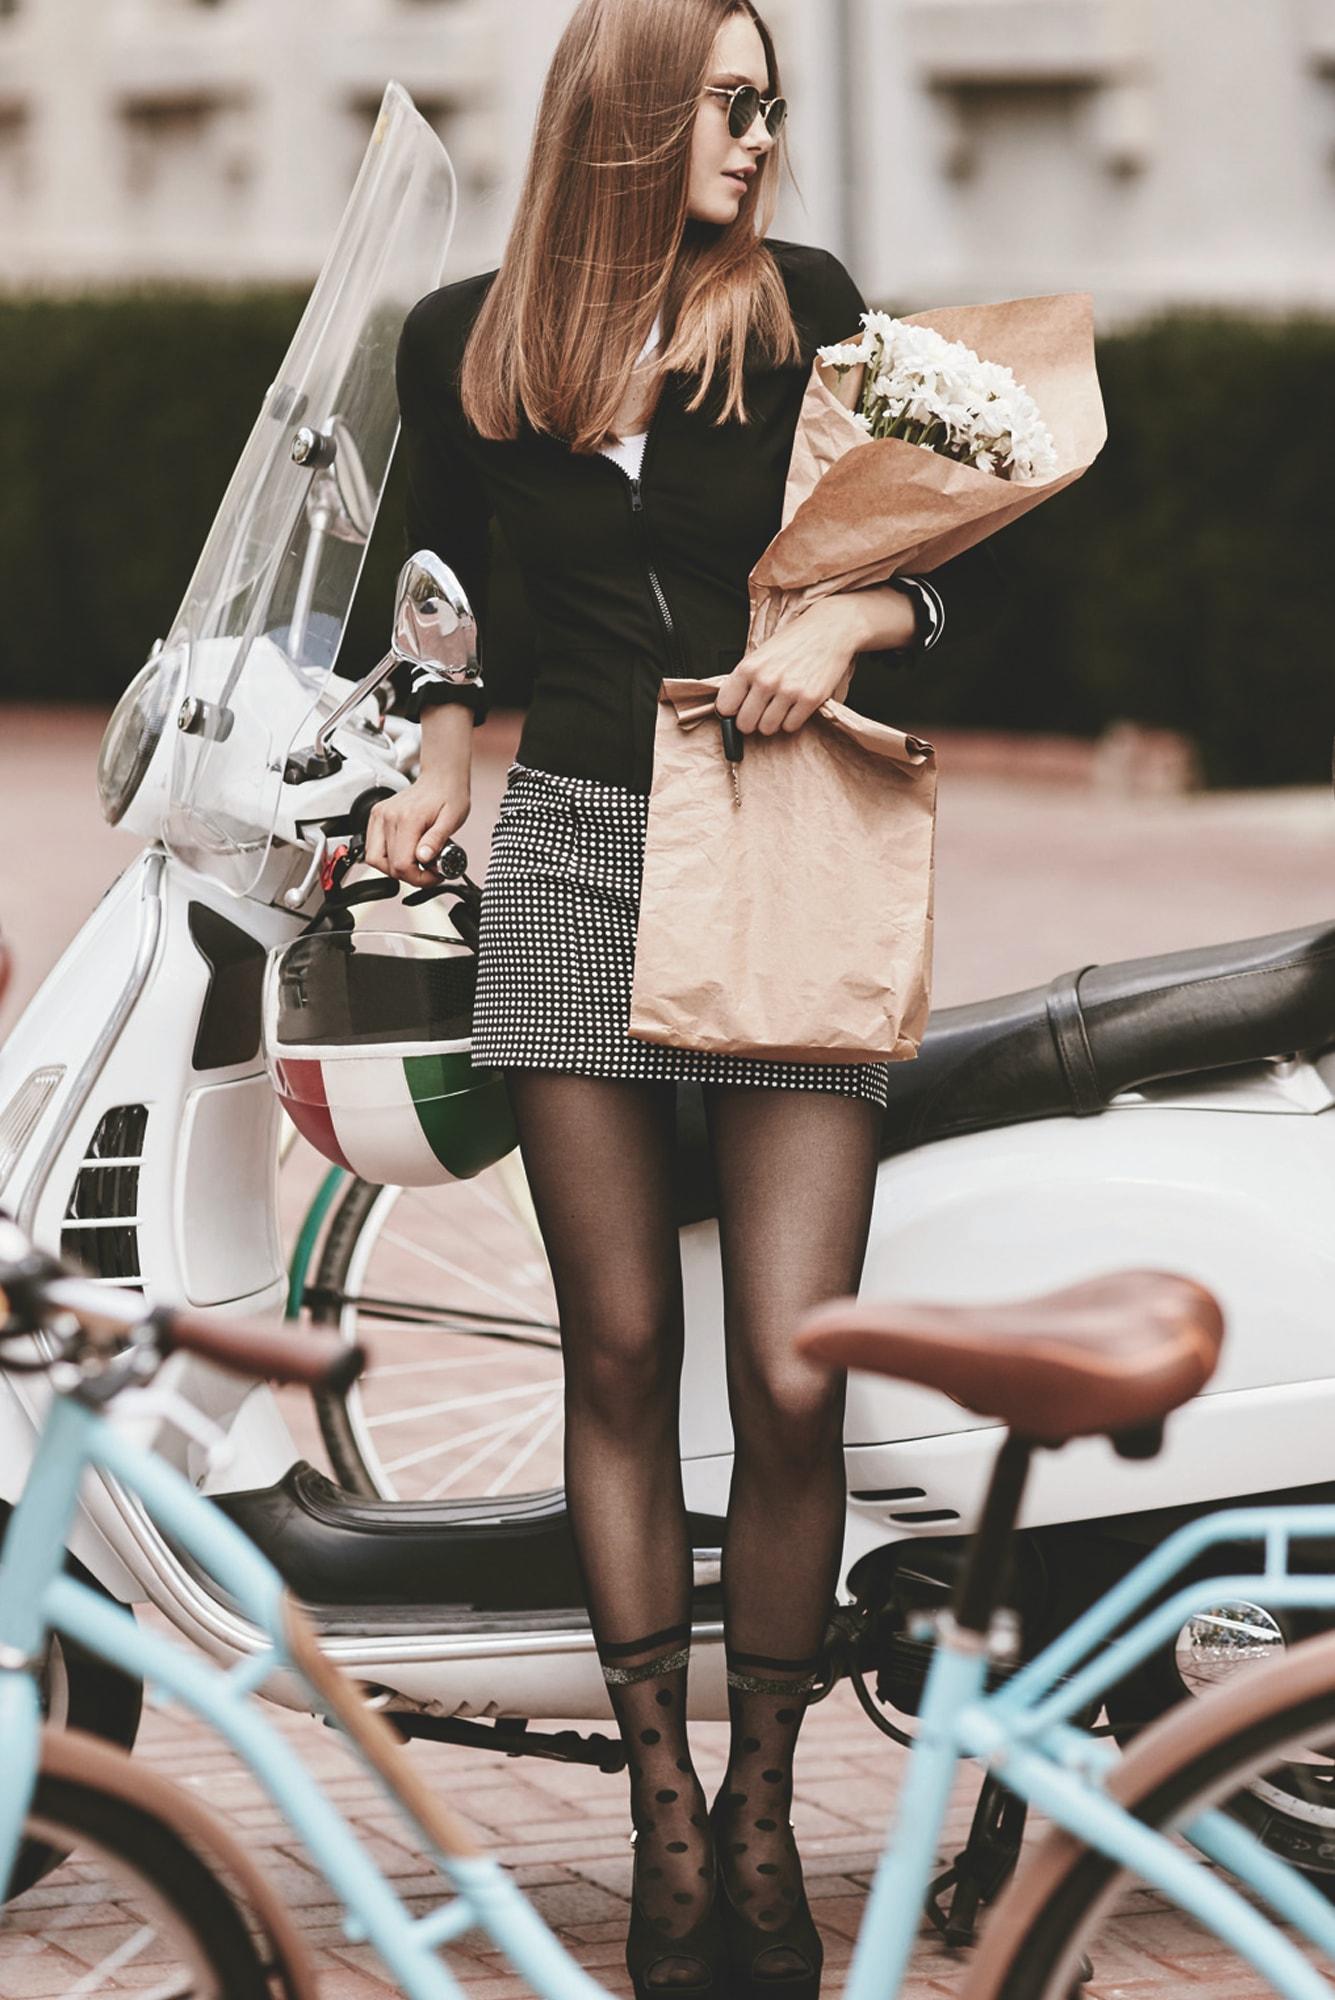 پنتی | Penti - جوراب شلواری طرح دار زنانه پنتی مدل Spoty مشکی